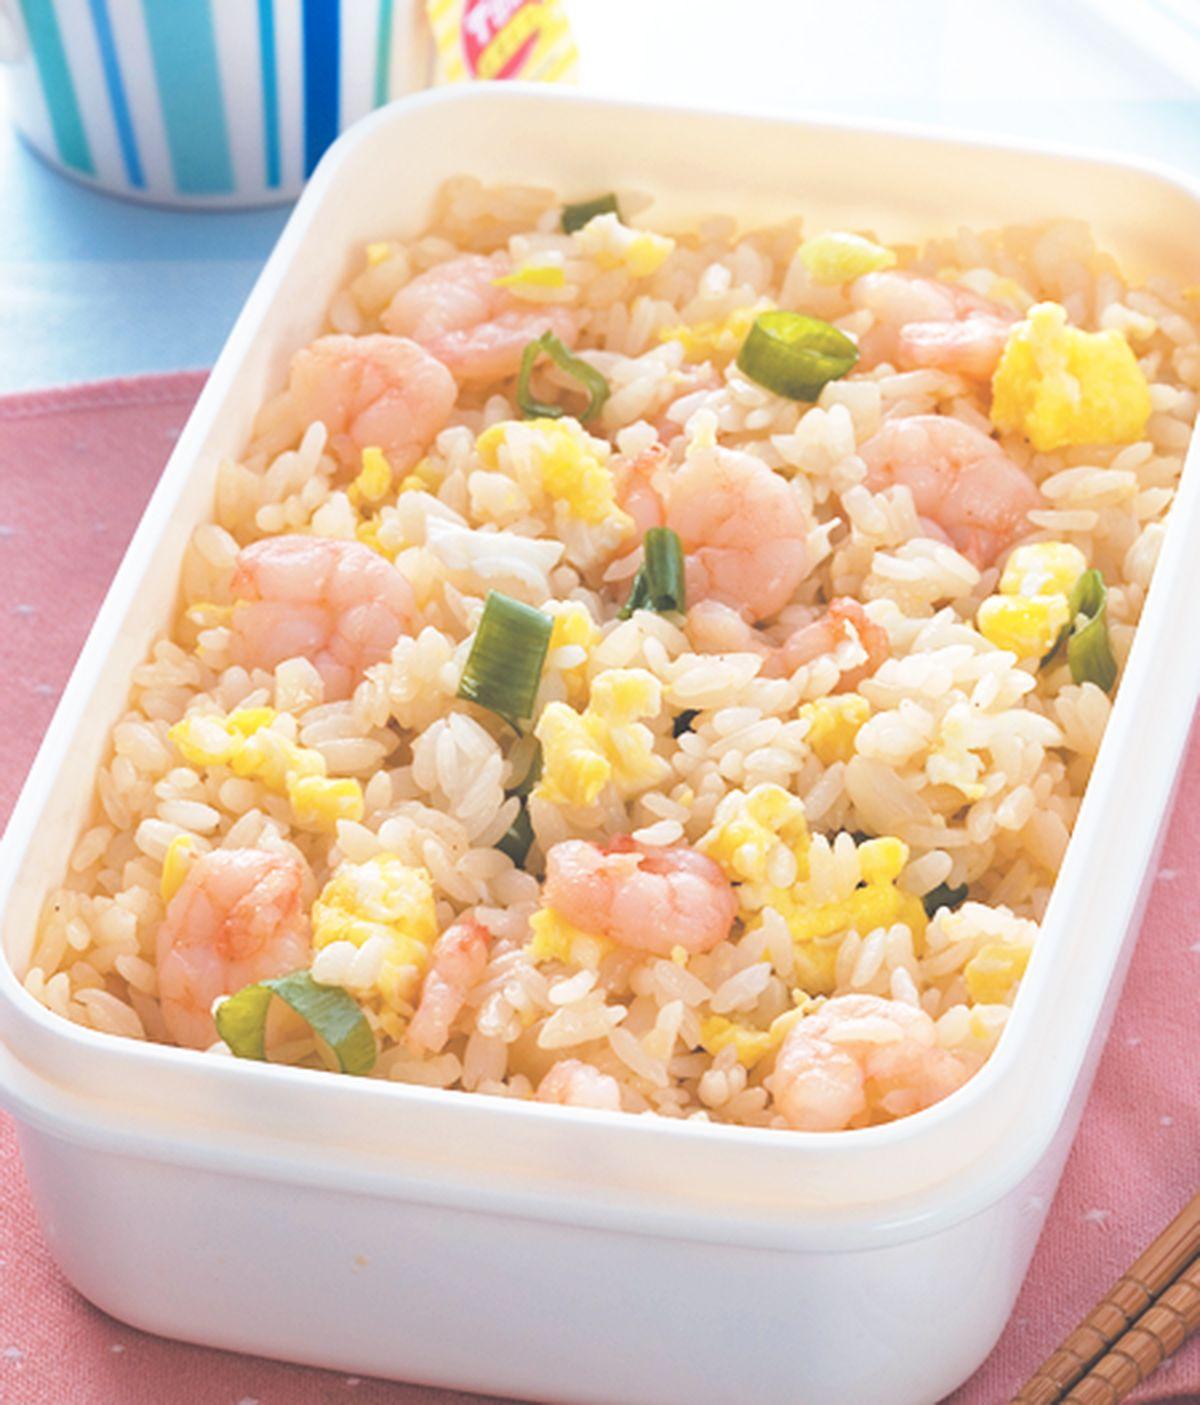 食譜:蝦仁炒飯